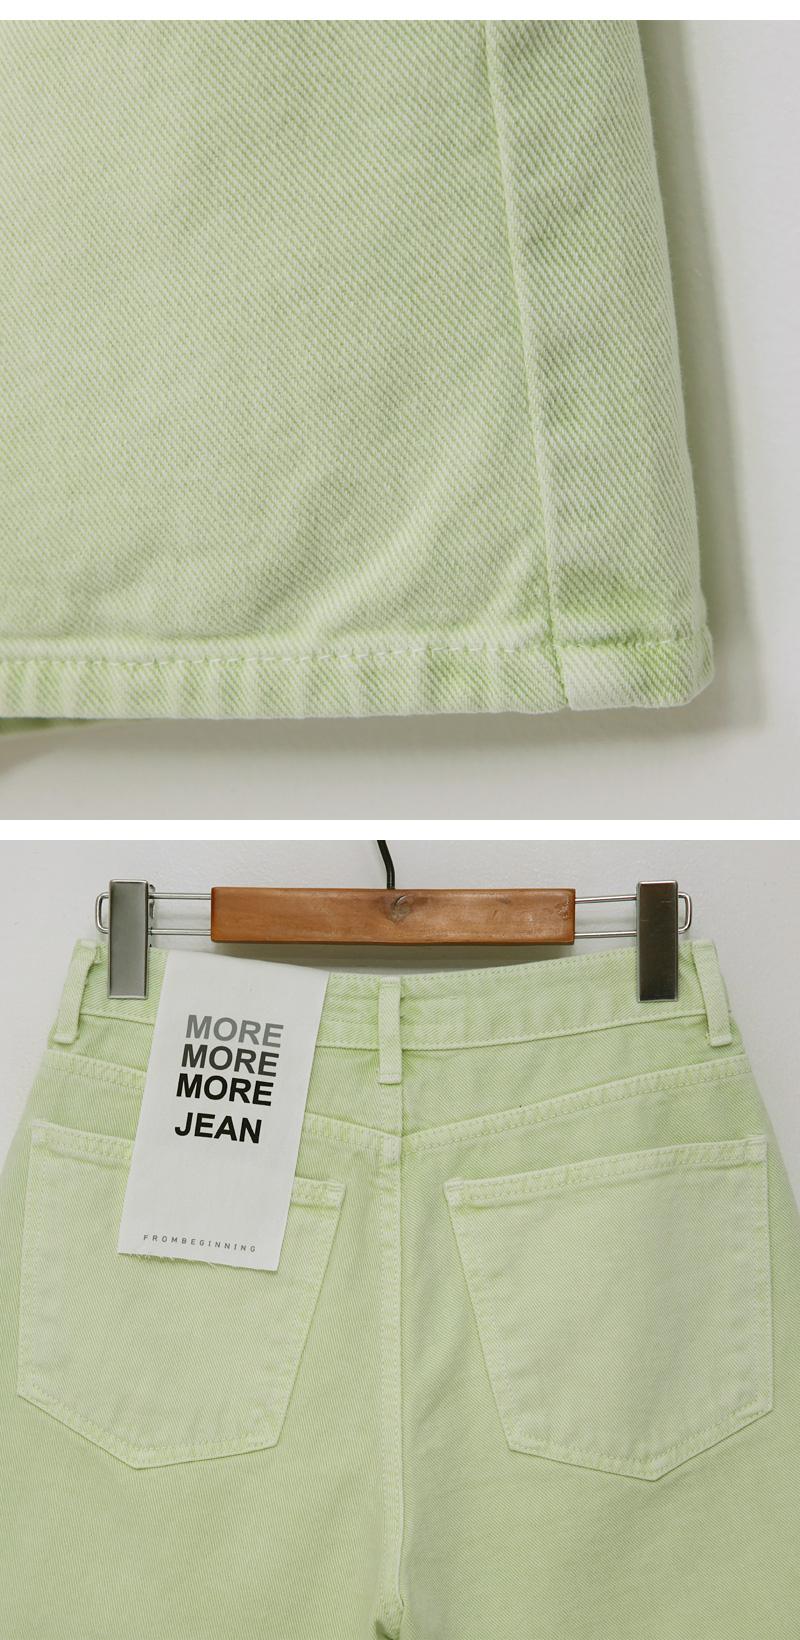 MORE JEAN_garment dye shorts_N (neon green) (size : S,M,L)